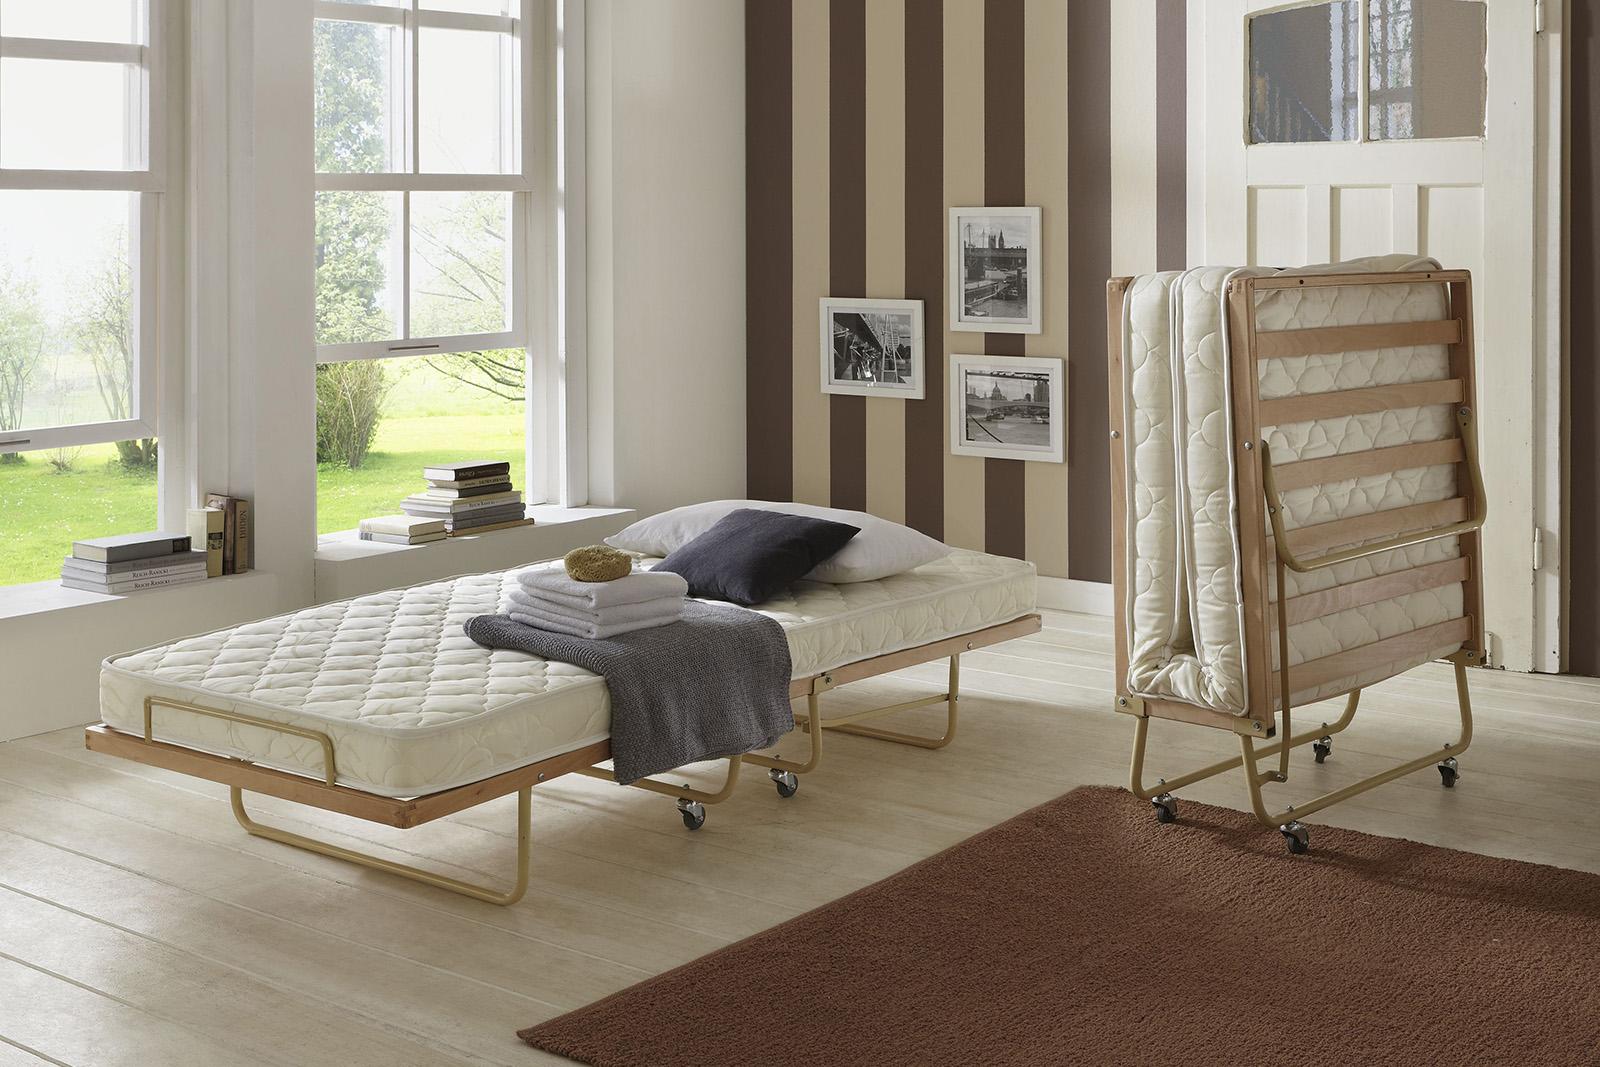 Full Size of Sonstige Betten Pohl Kln Dänisches Bettenlager Badezimmer Wohnzimmer Stapelbetten Dänisches Bettenlager